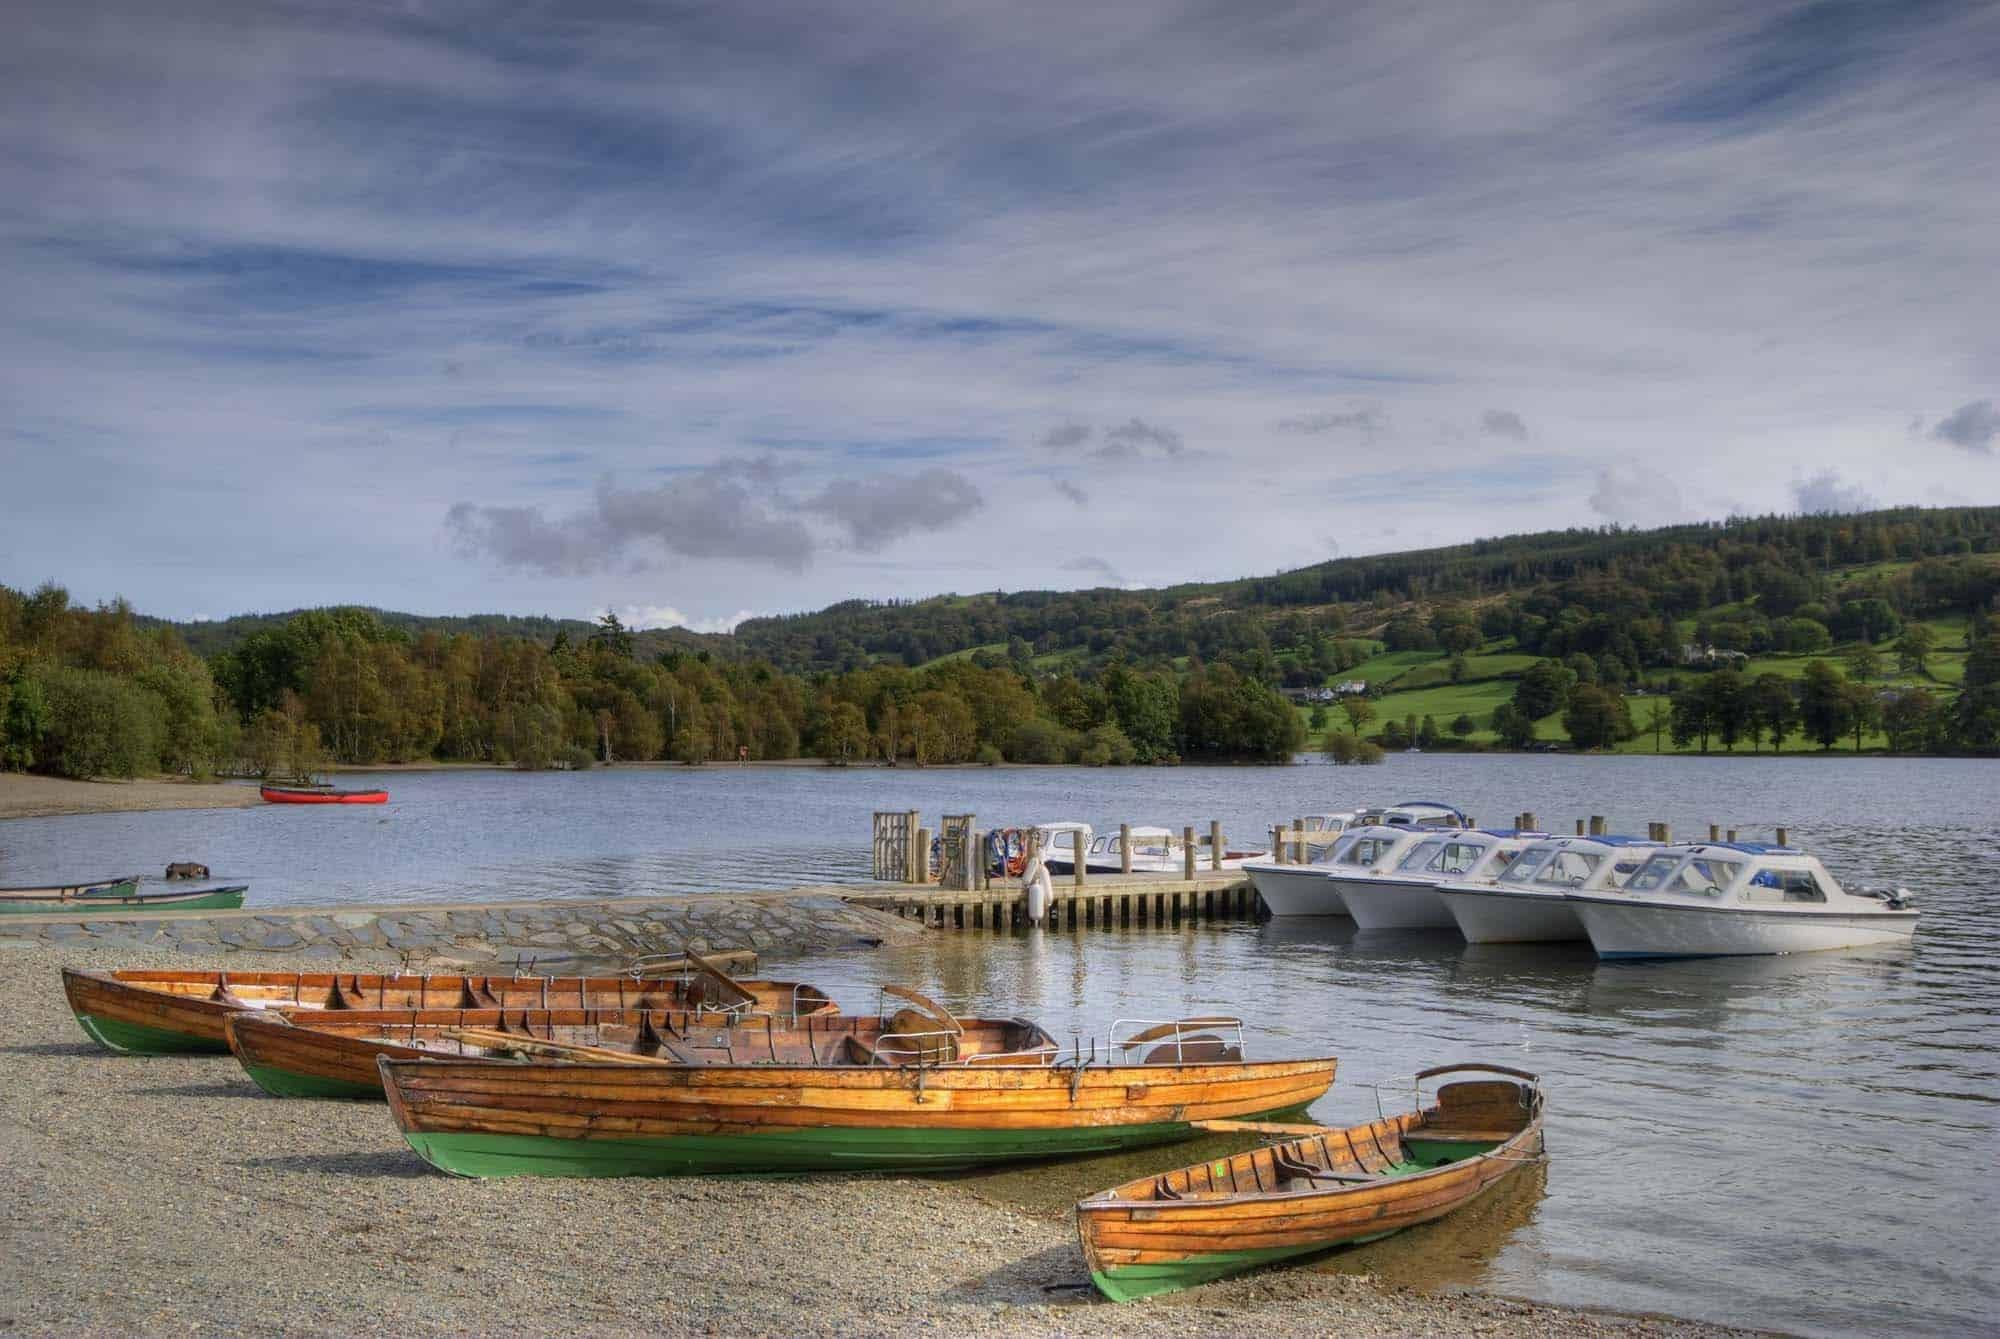 بريطانيا منطقة البحيرات اهم الاماكن السياحيه مركز كونيستون للزوارق